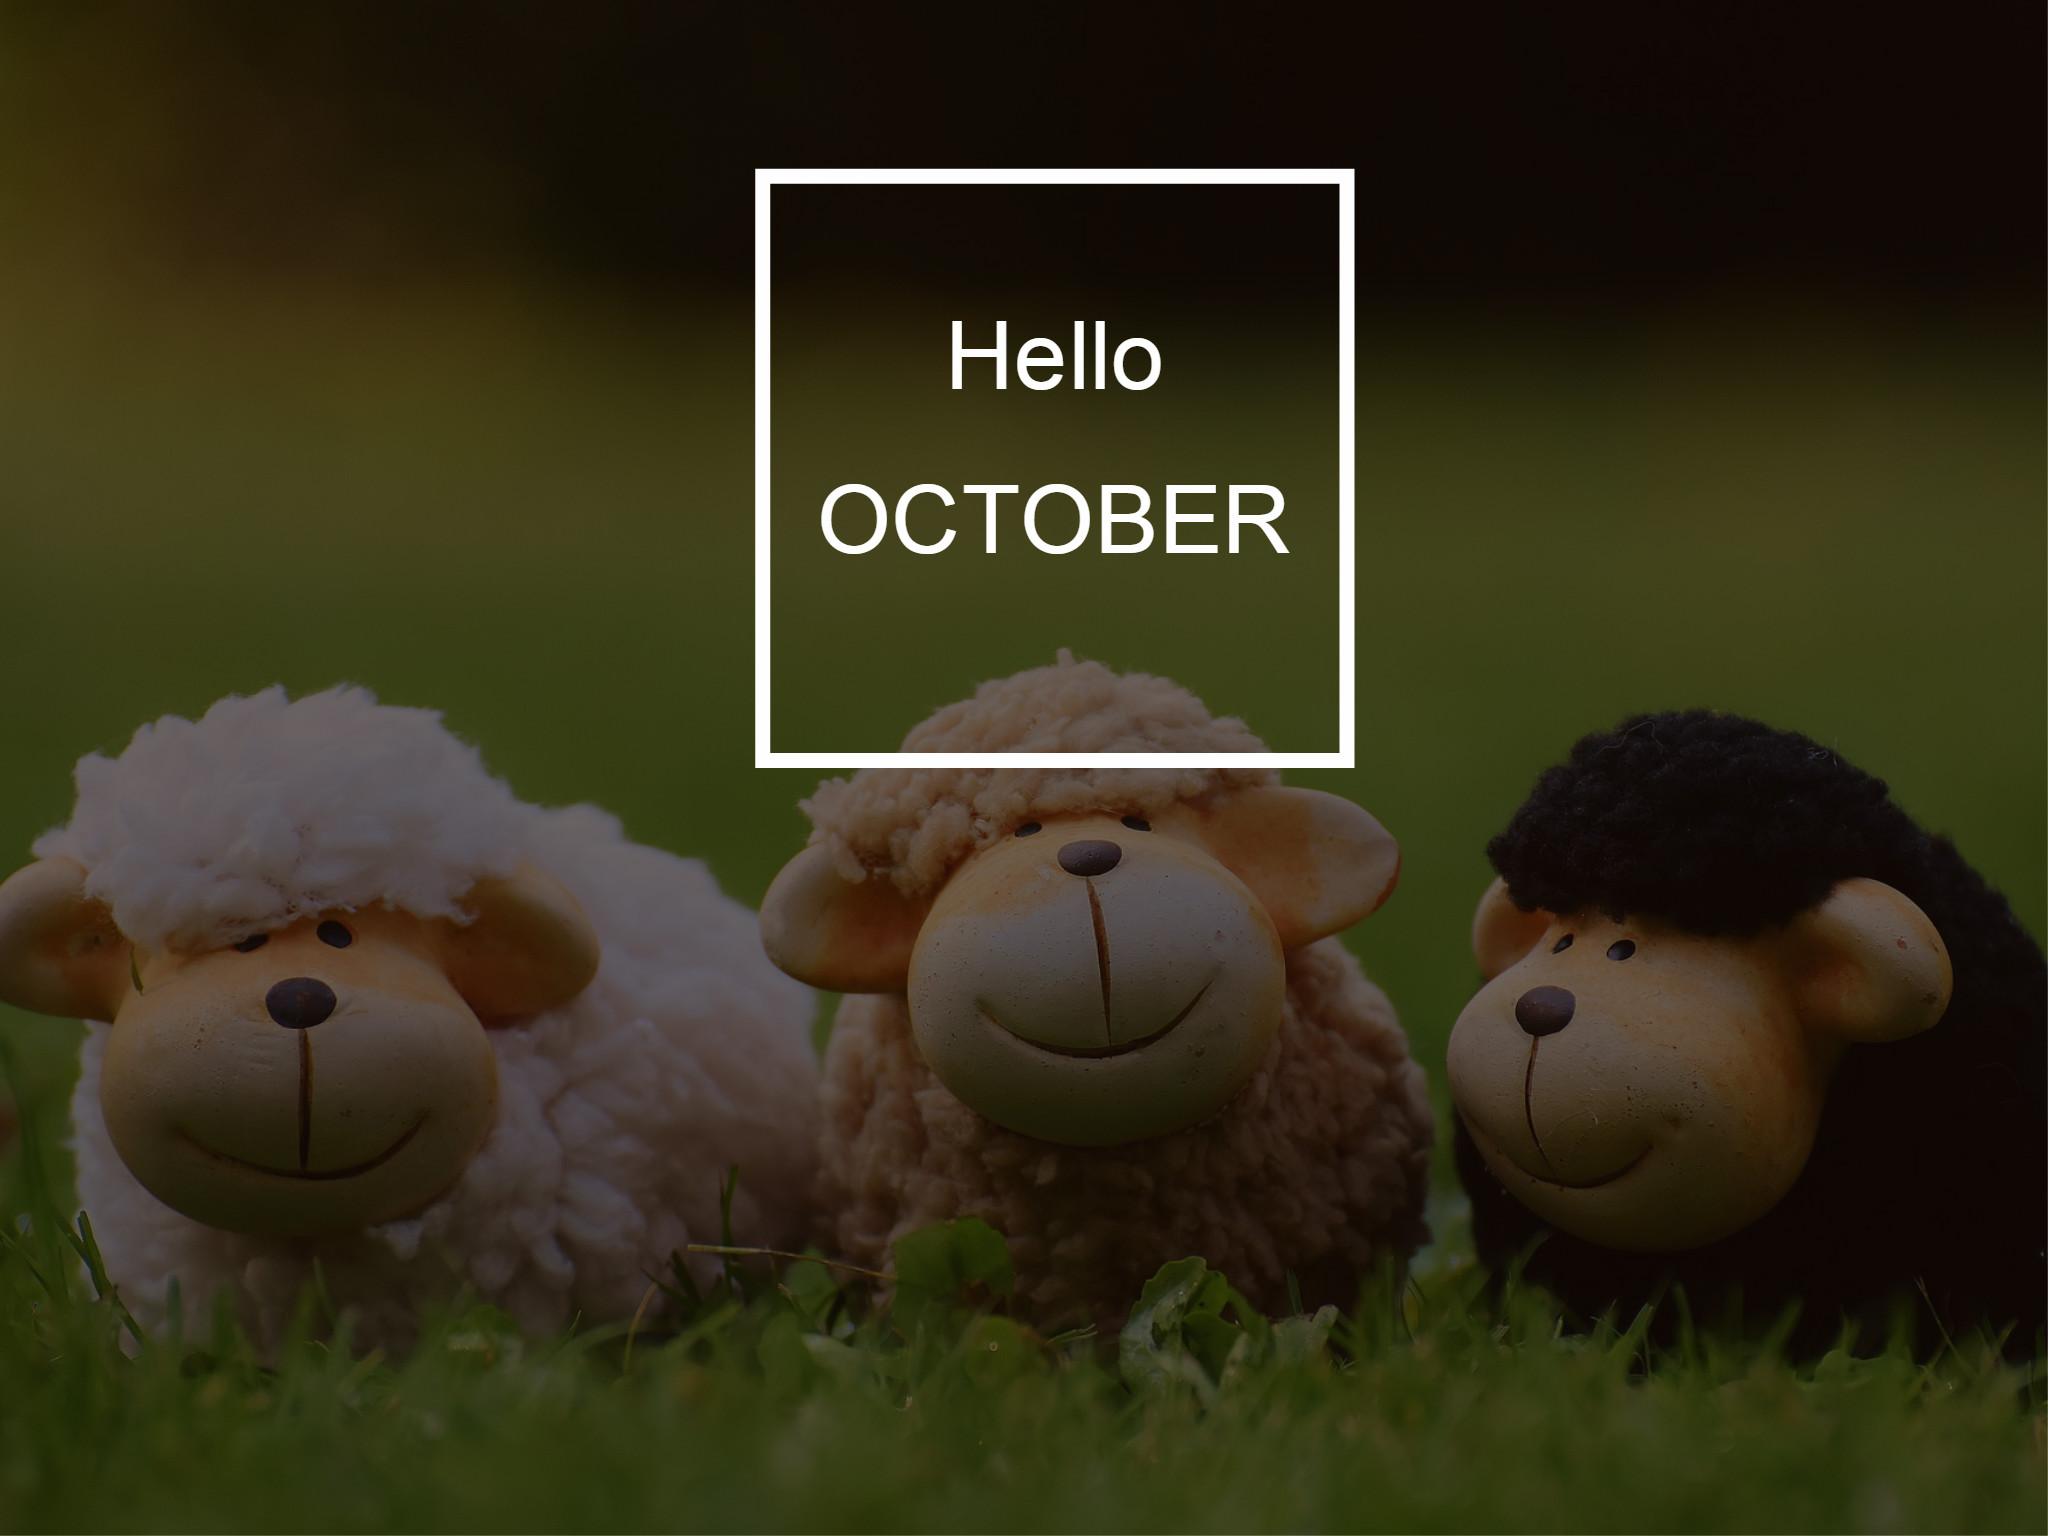 imagenes-de-octubre-tiernas